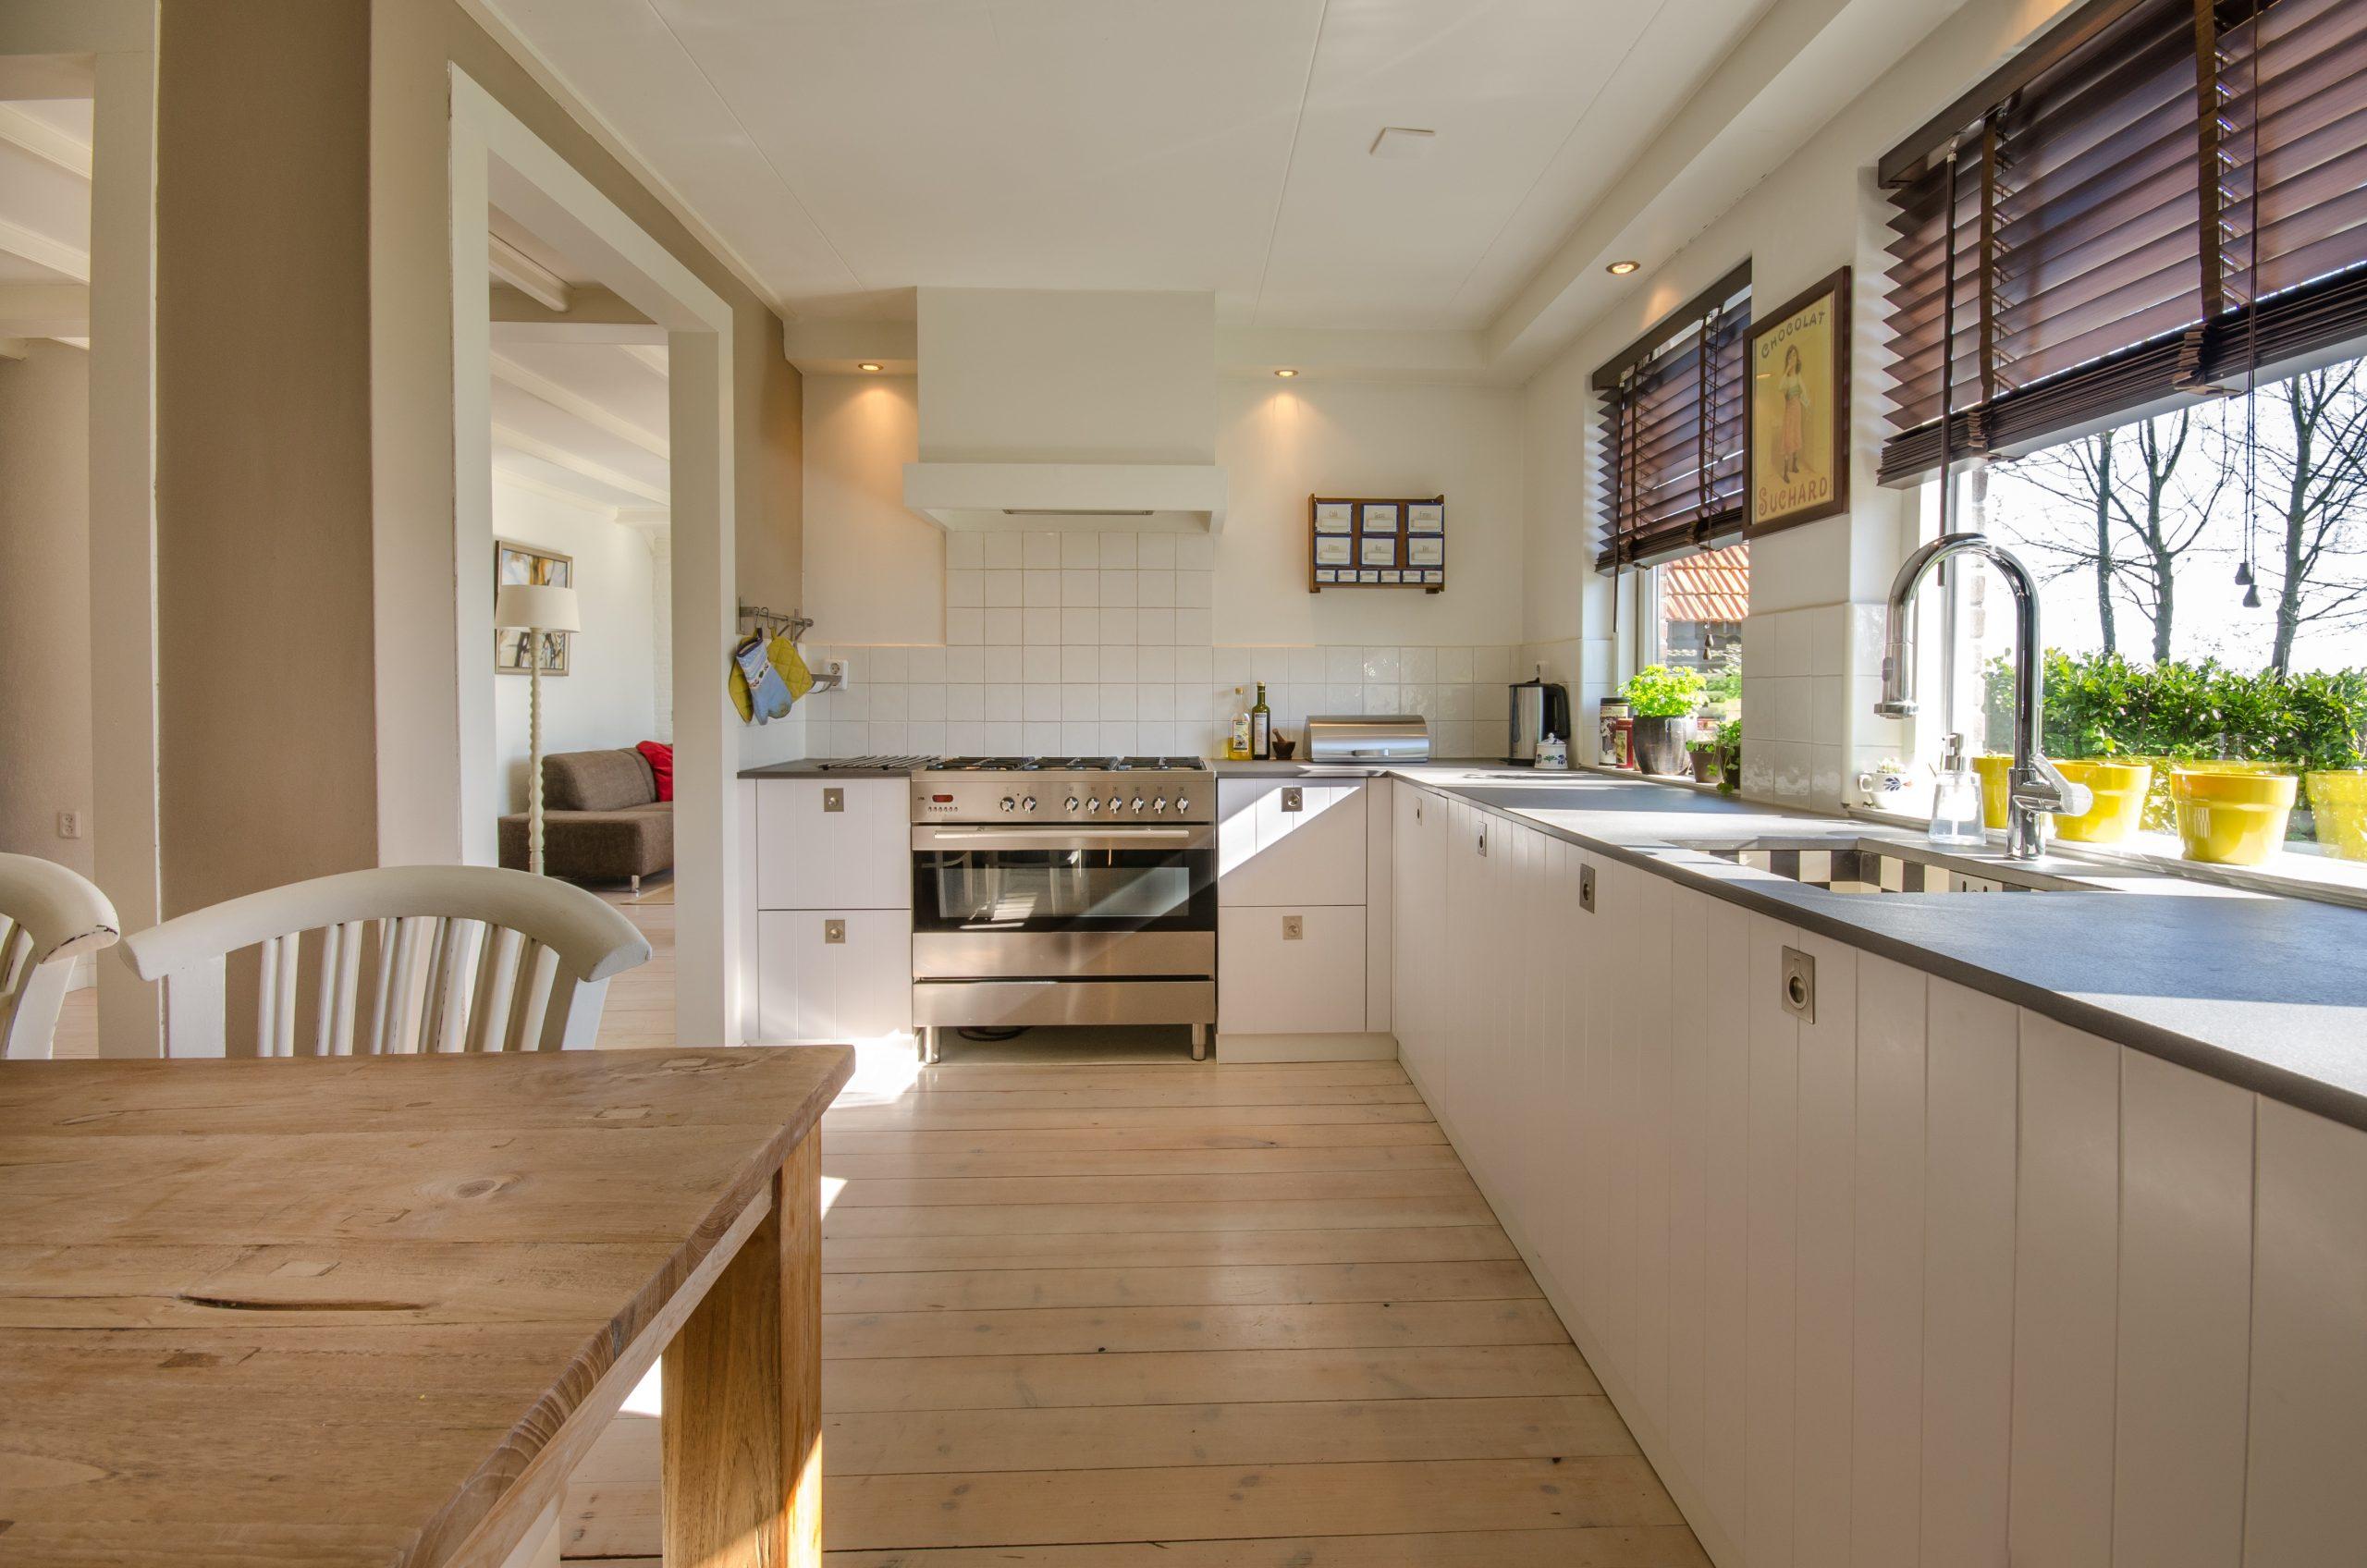 Welke materialen voor keukenmeubilair?